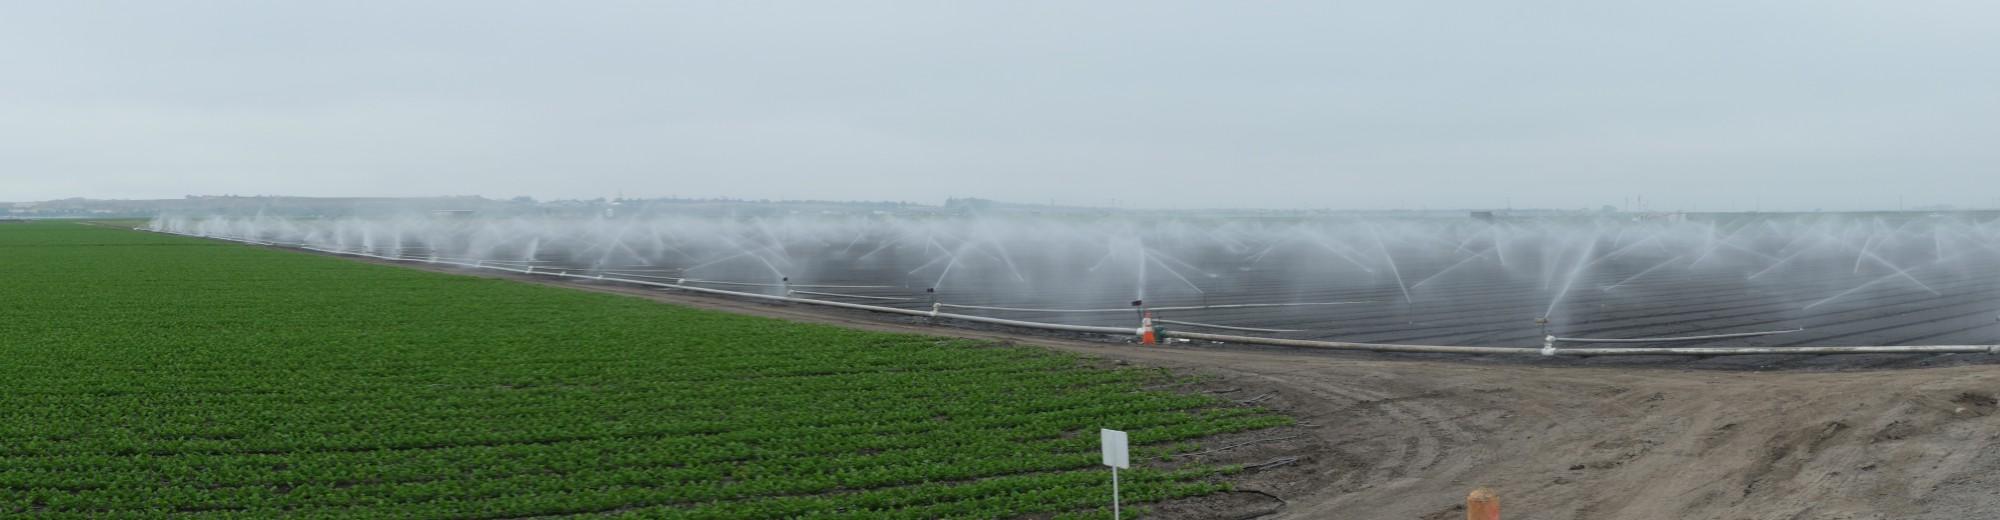 Sprinklers on field